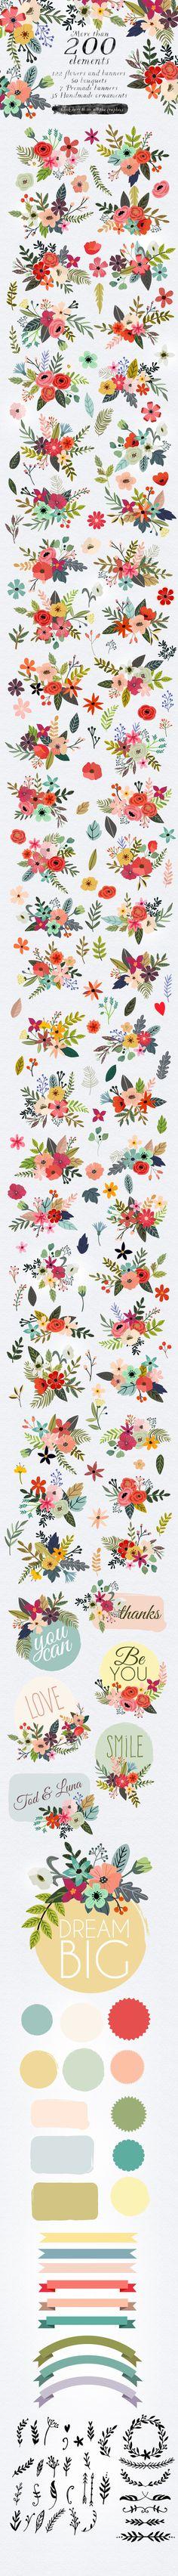 Petite Fleur Designers Toolkit